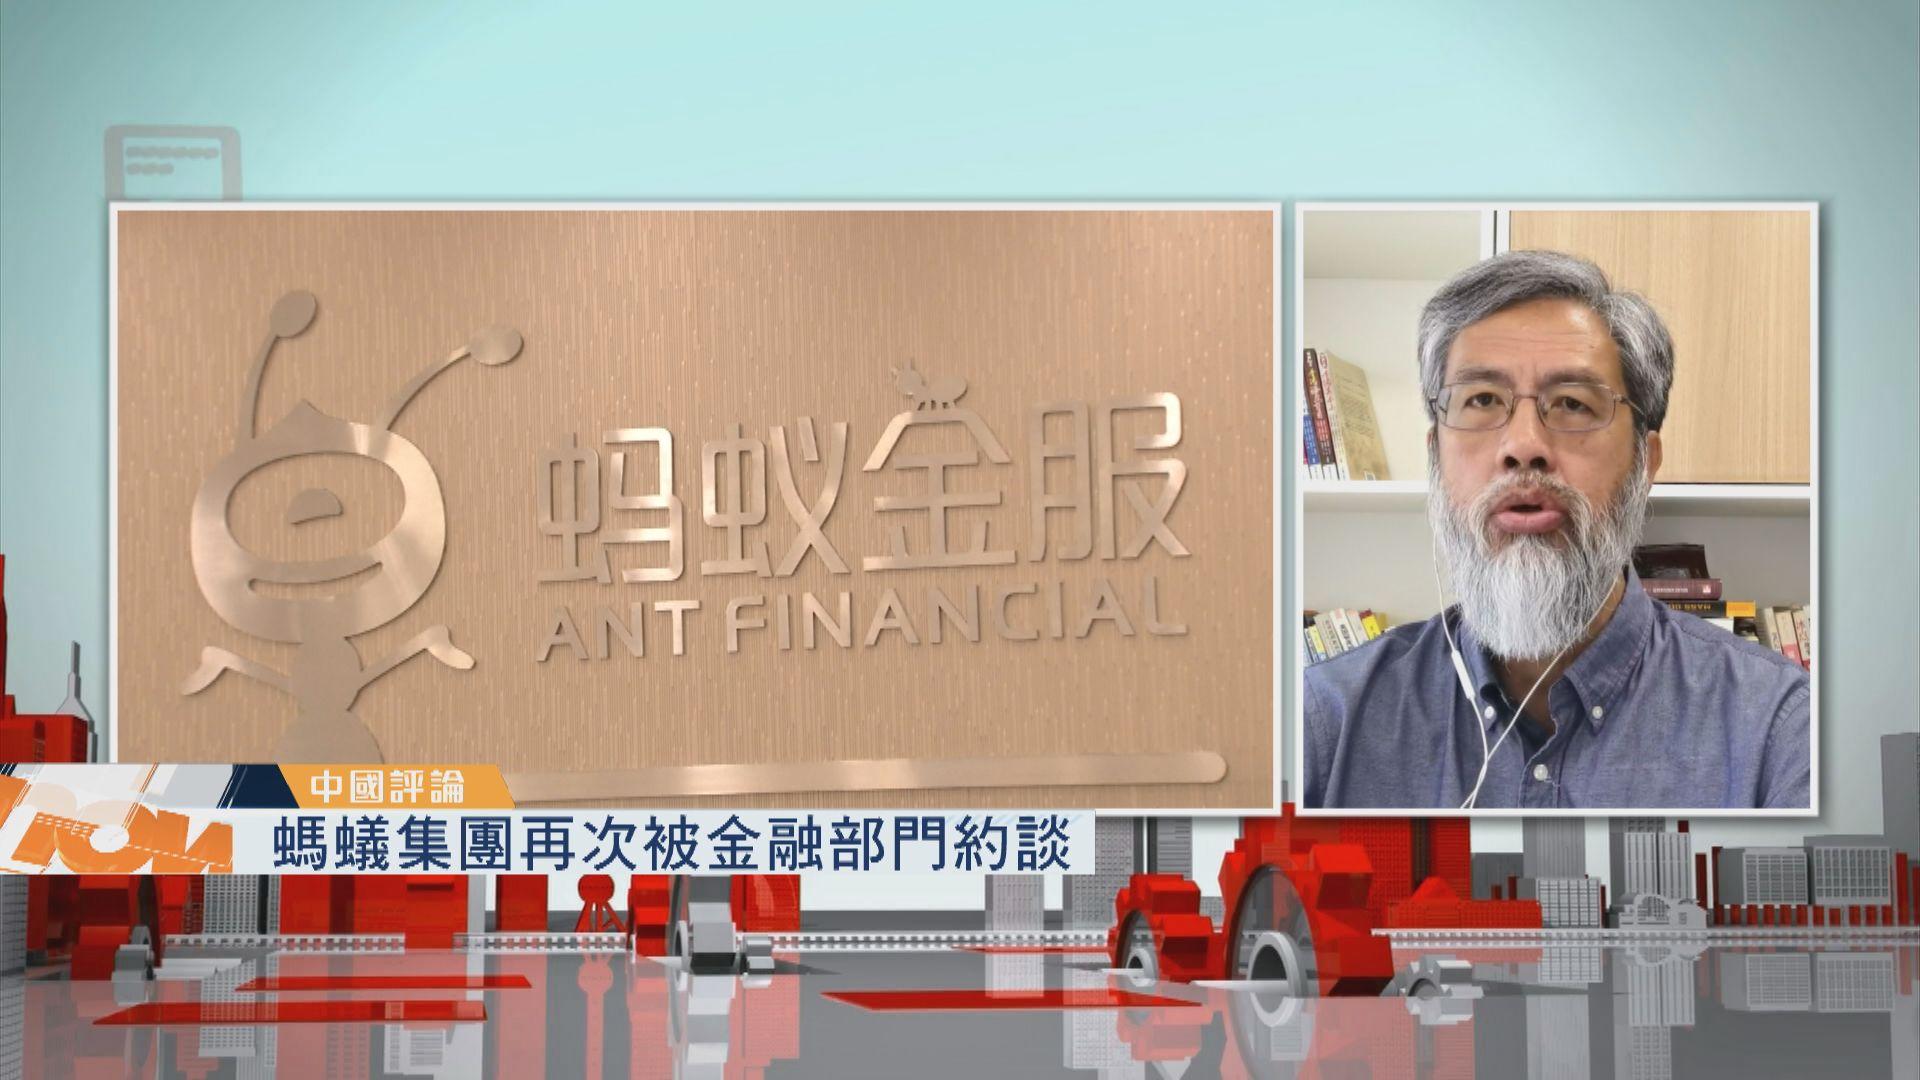 【中國評論】螞蟻集團被約談/佛山公路收1.2億罰款